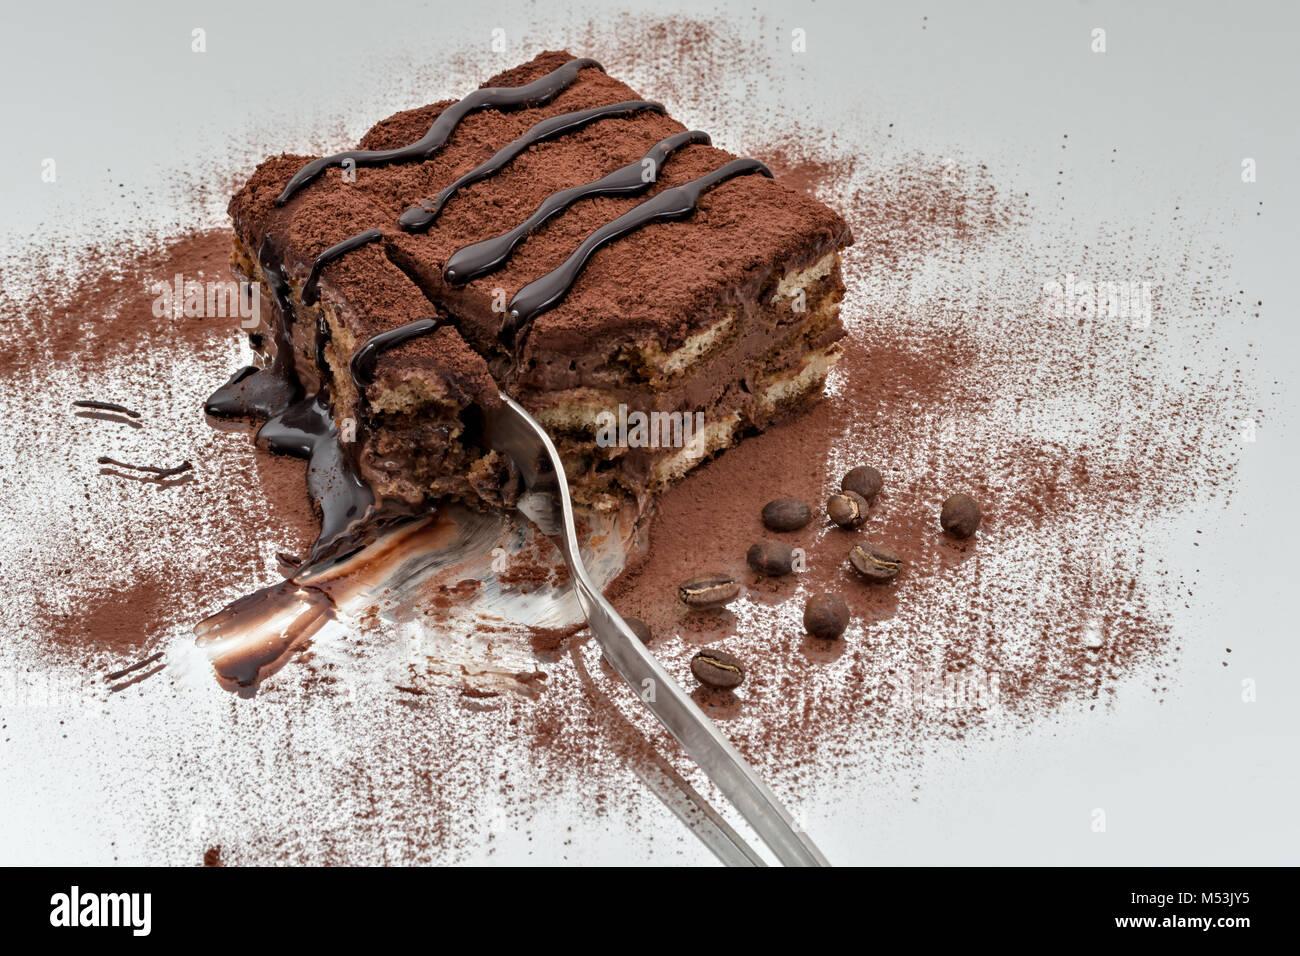 tiramisu dessert portion 5 - Stock Image